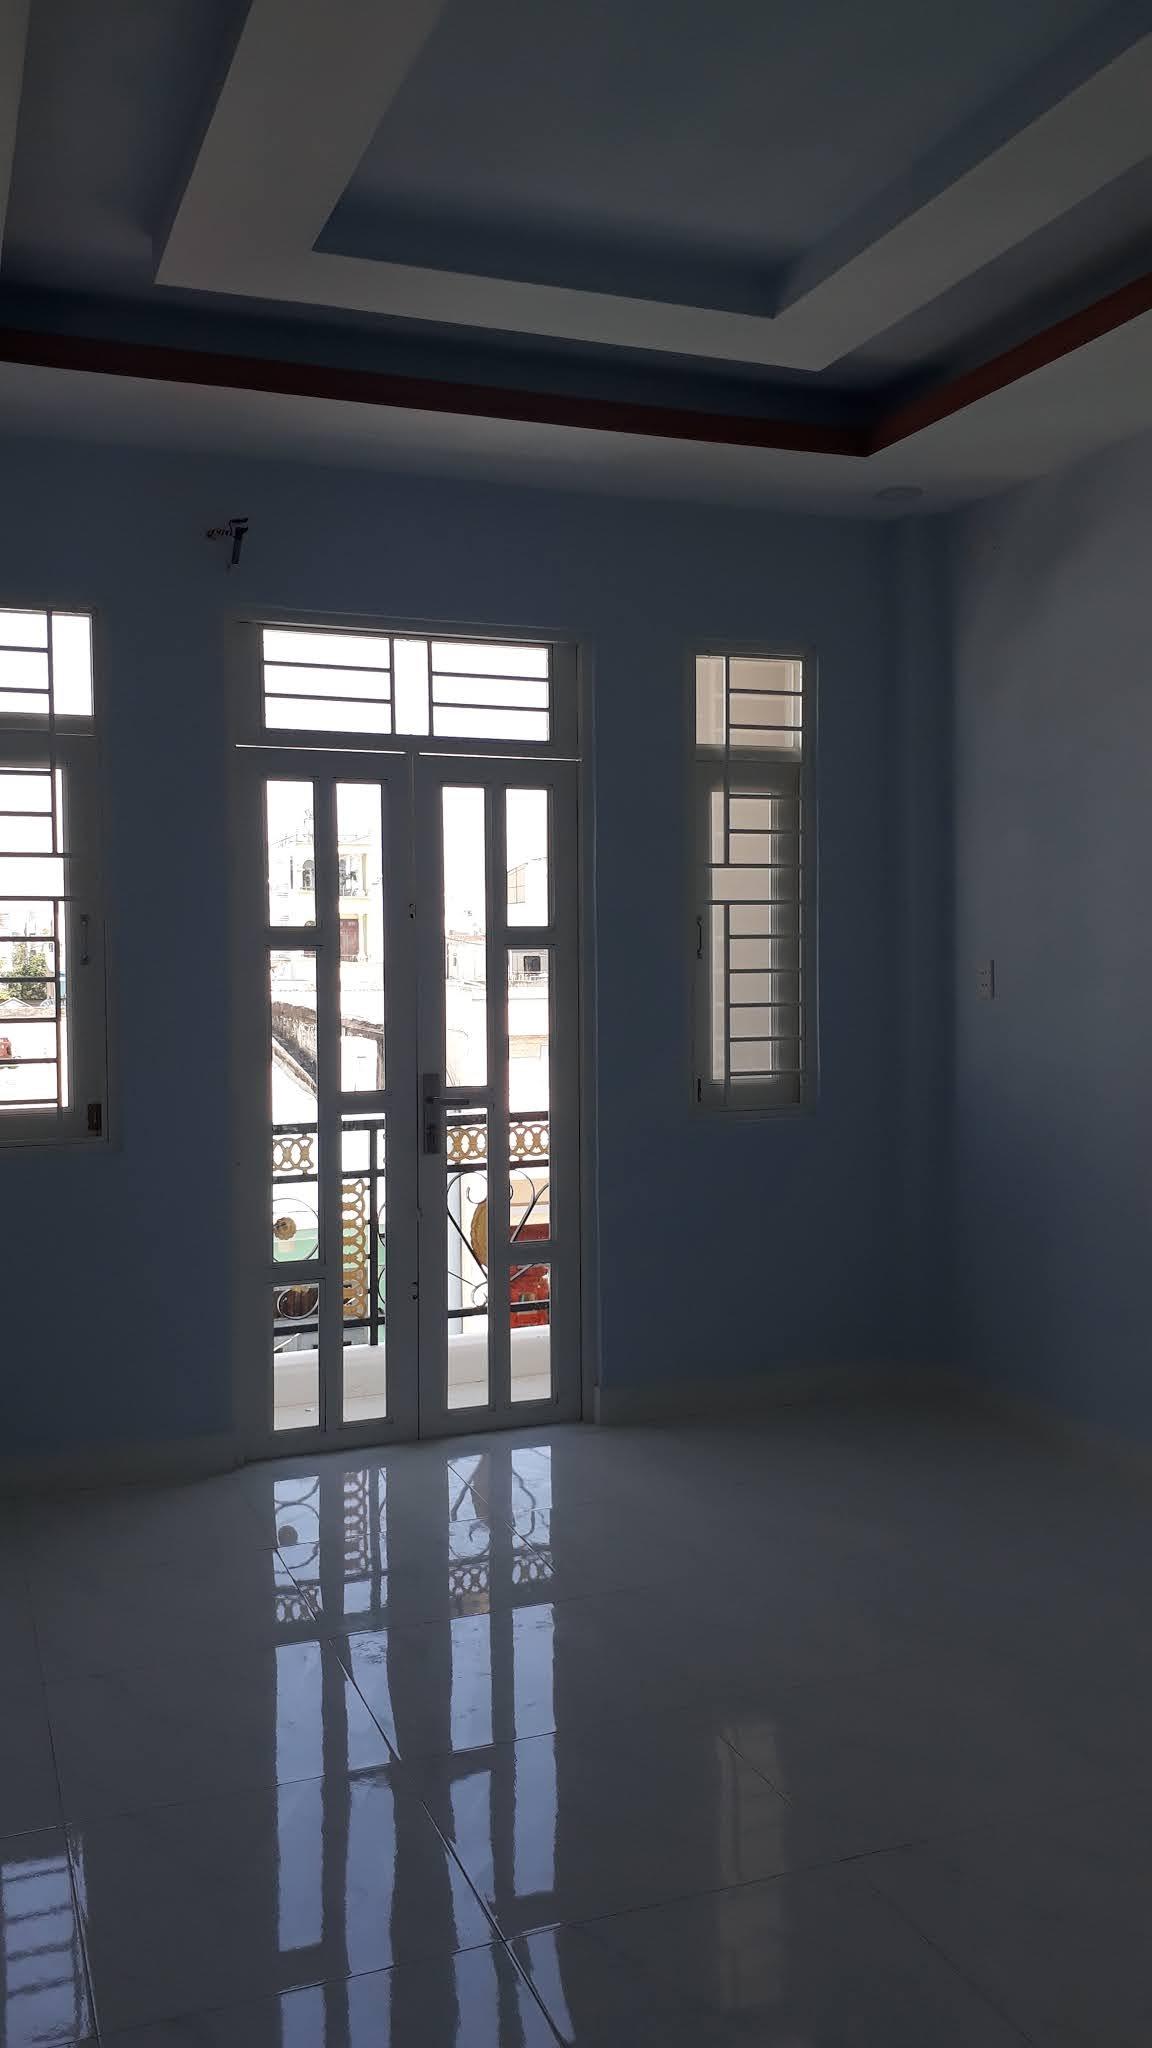 Bán nhà quận Bình tân duới 5 tỷ đường Liên khu 8-9 phường Bình Hưng Hòa A quận Bình Tân giá rẻ mới nhất